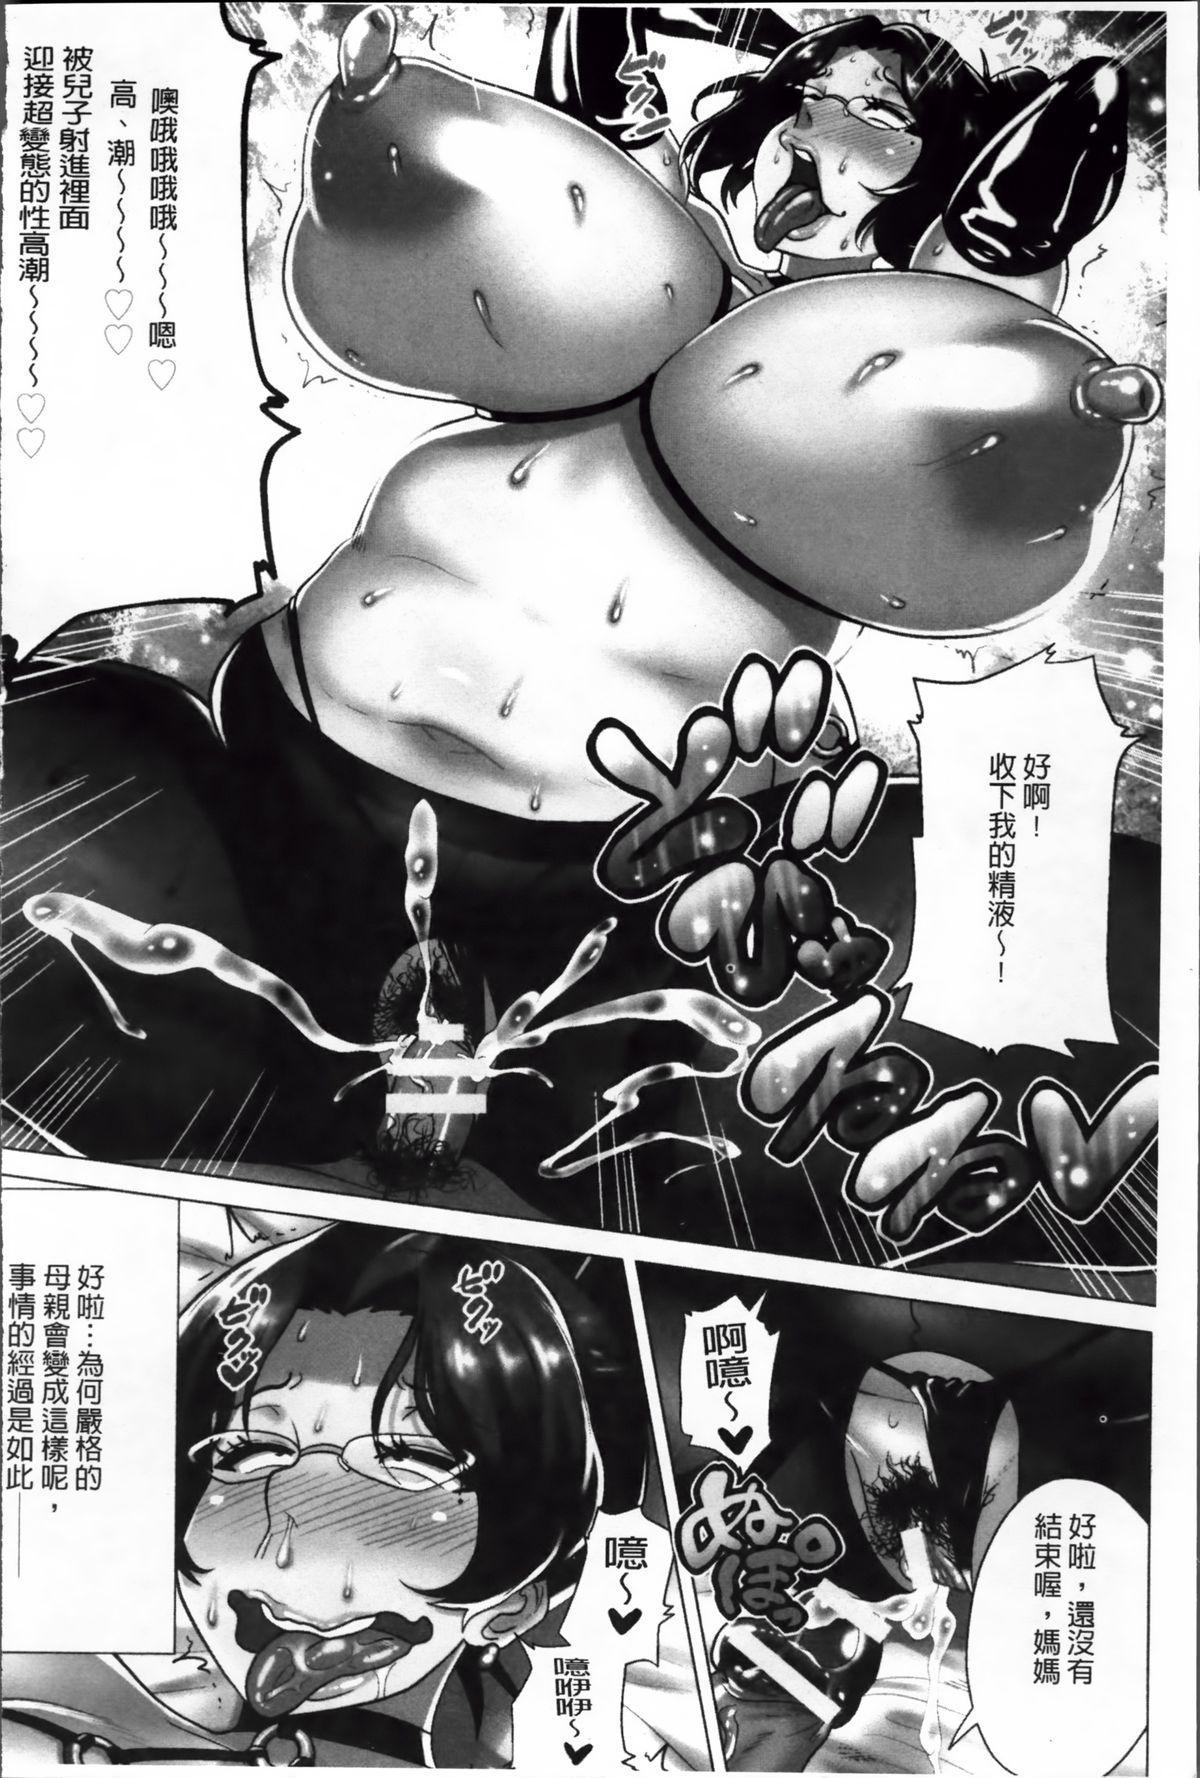 Megabody Night - Watashi no Oniku o Meshiagare 100